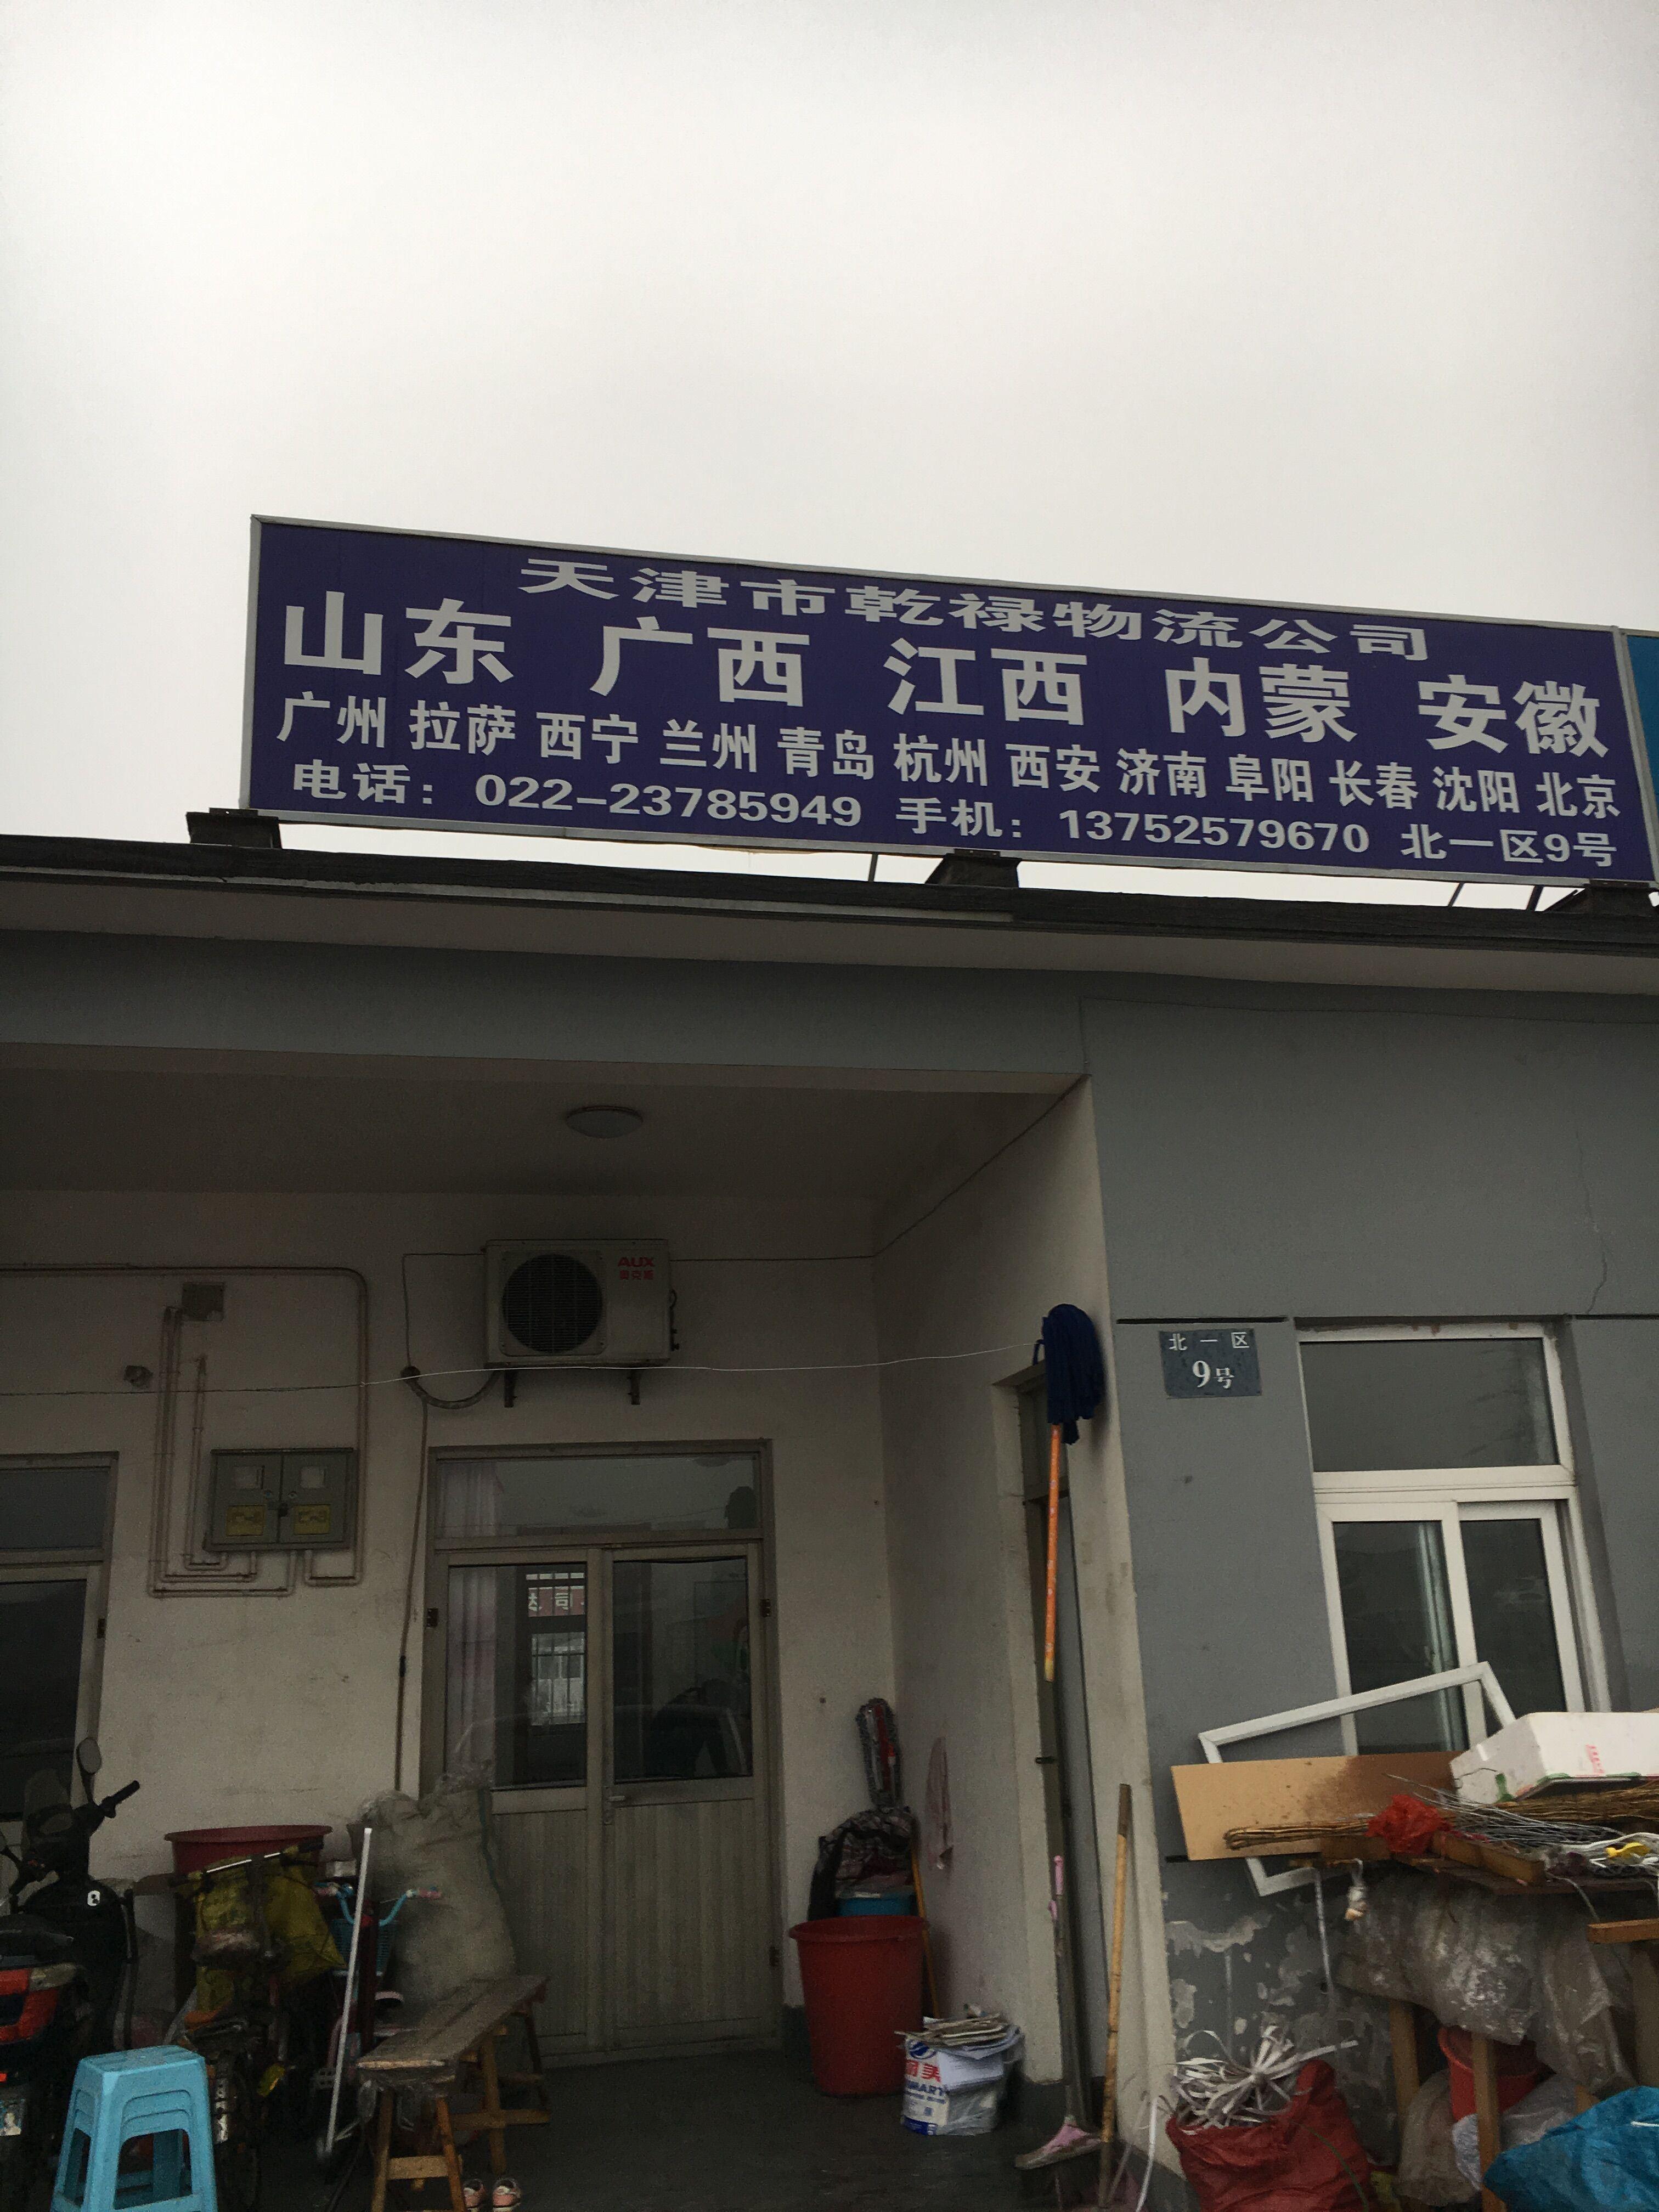 天津到青岛物流专线(天津市西青区乾禄配货站)